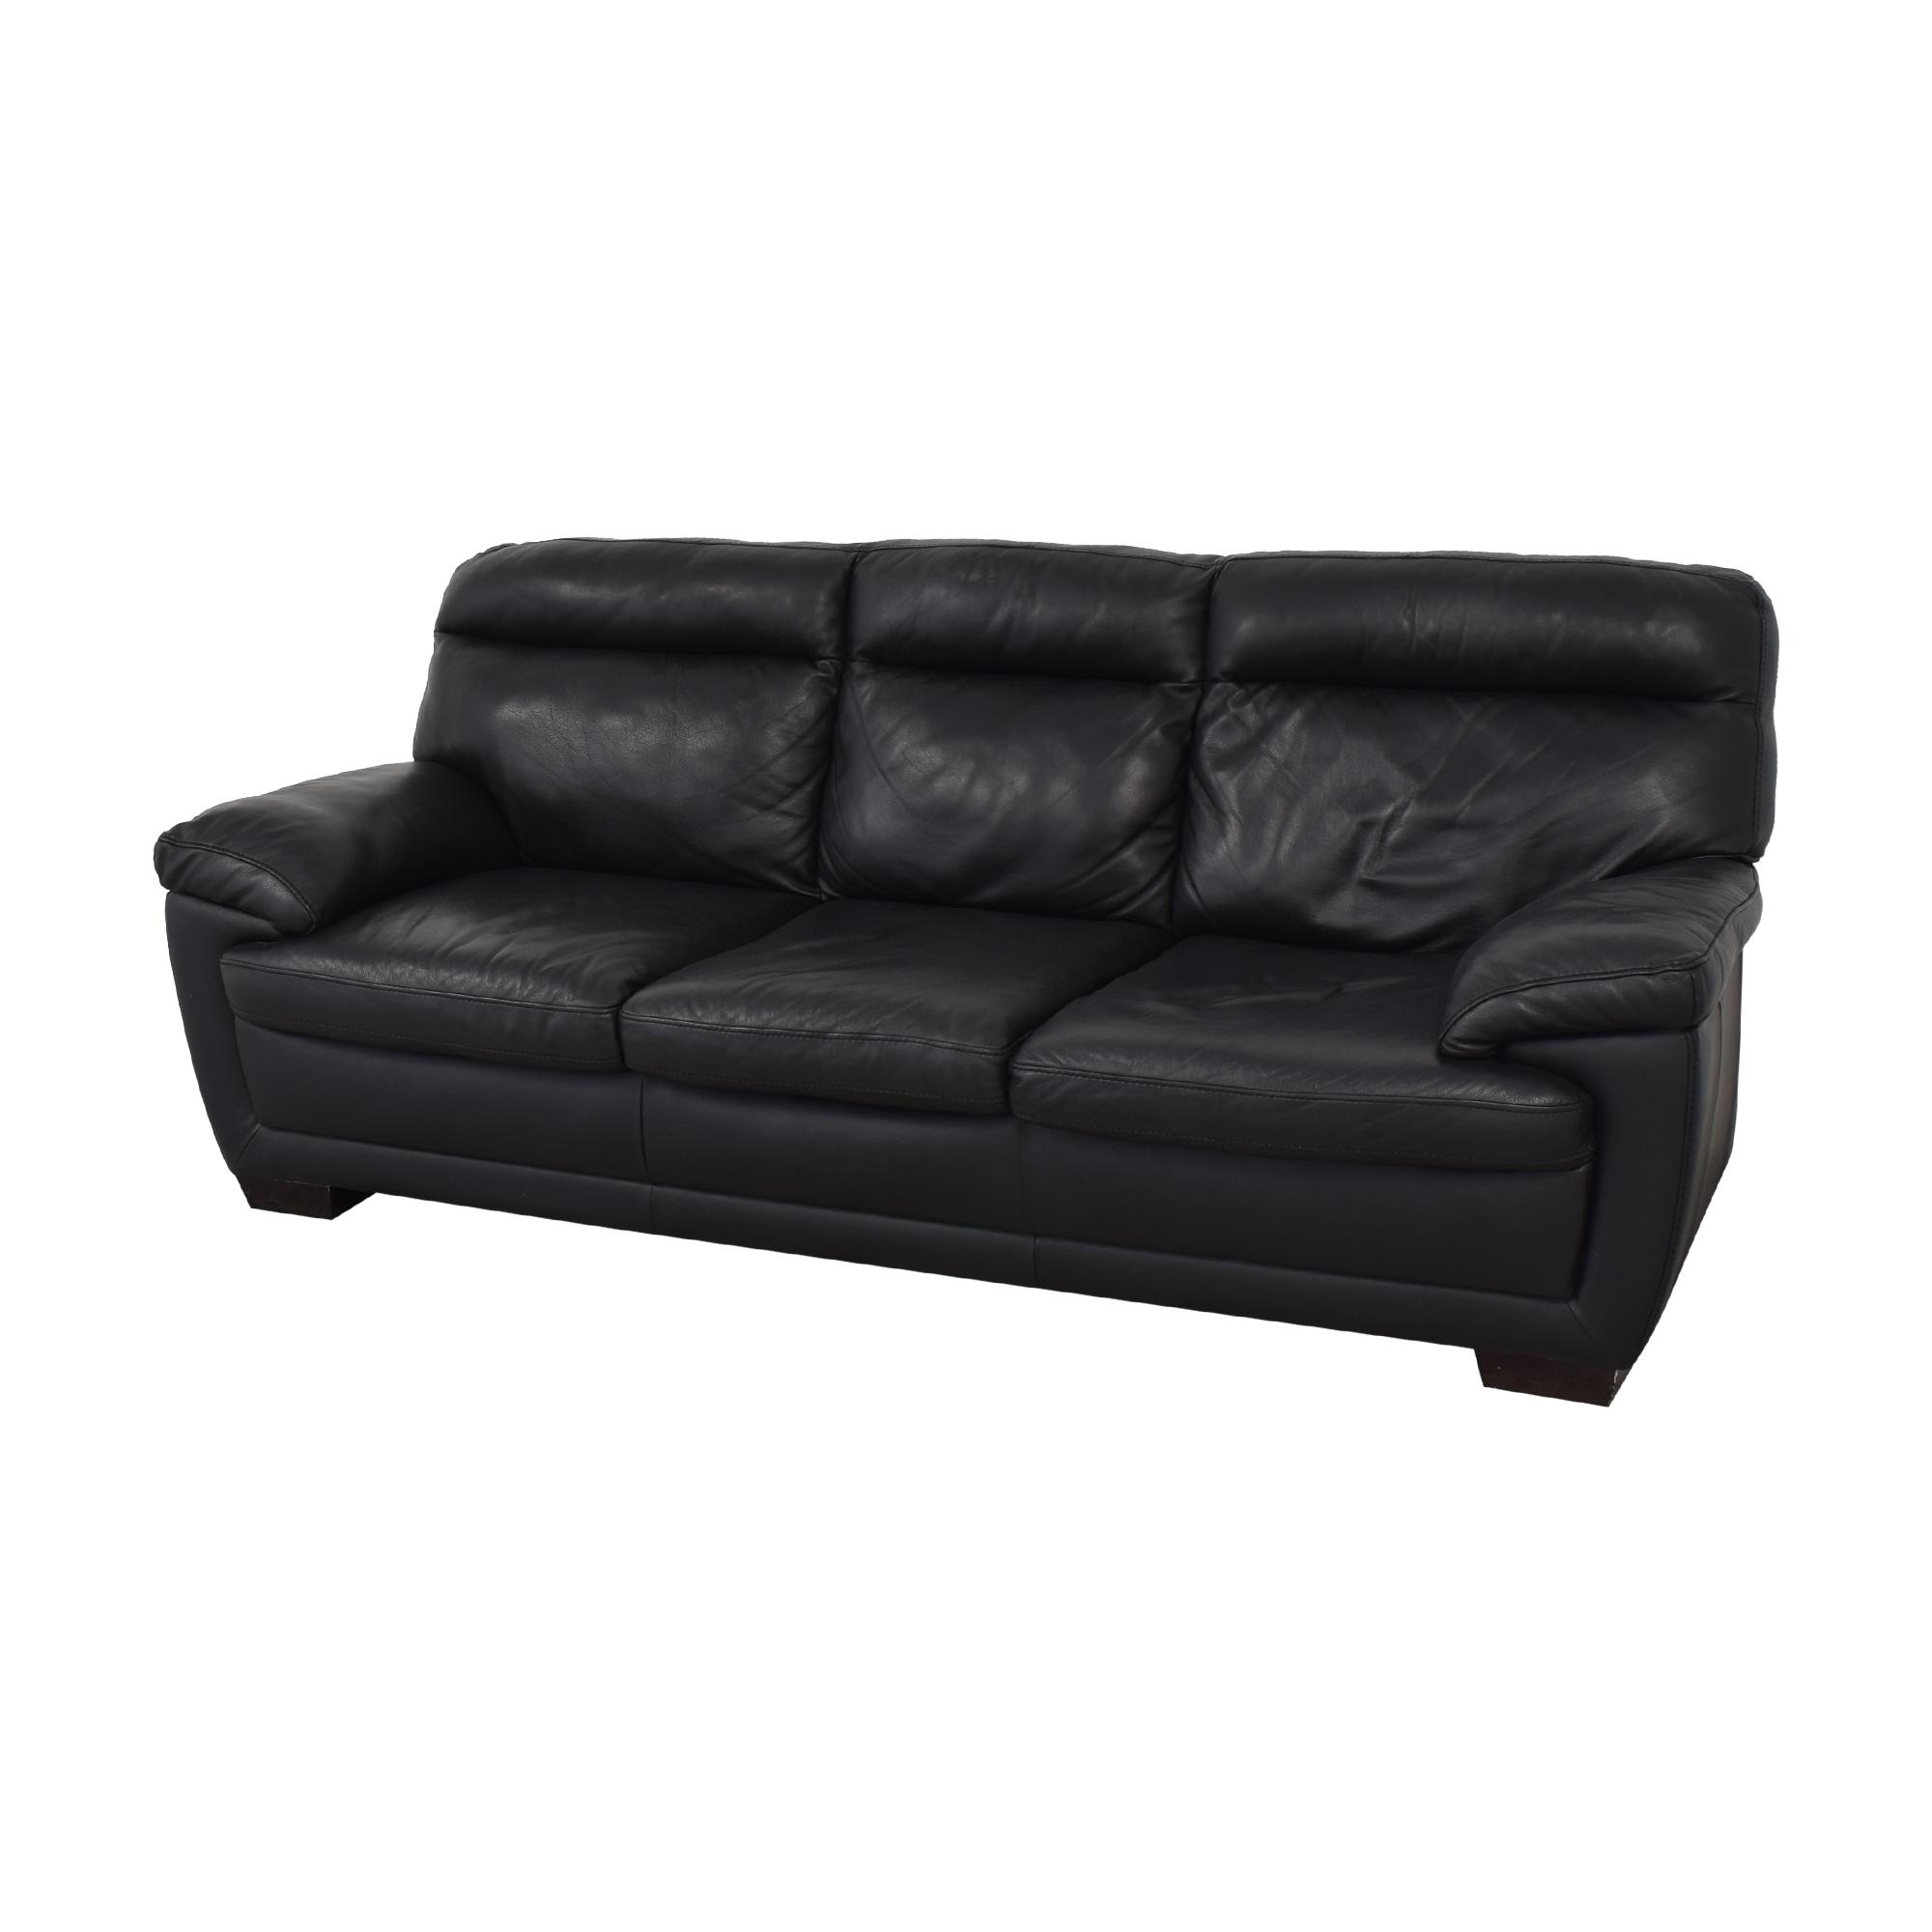 Macy's Macy's Three Cushion Sofa discount